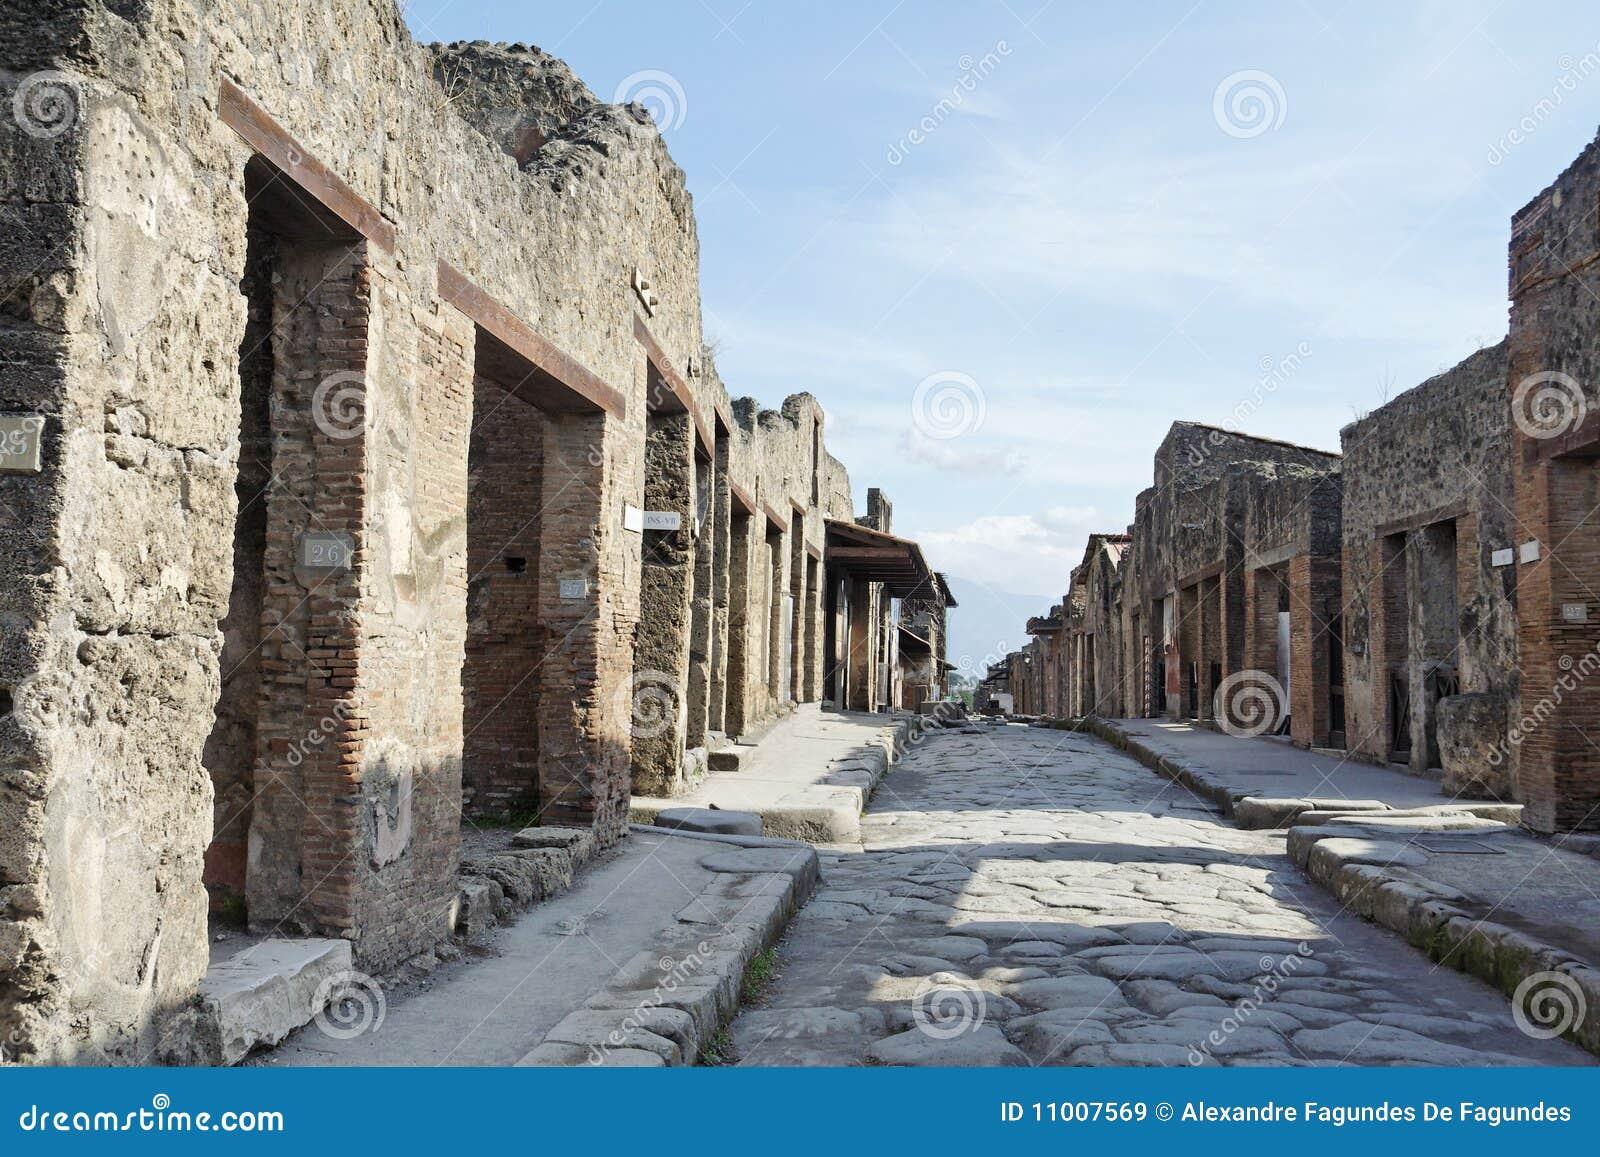 Rua de pedra das ruínas romanas de Pompeii